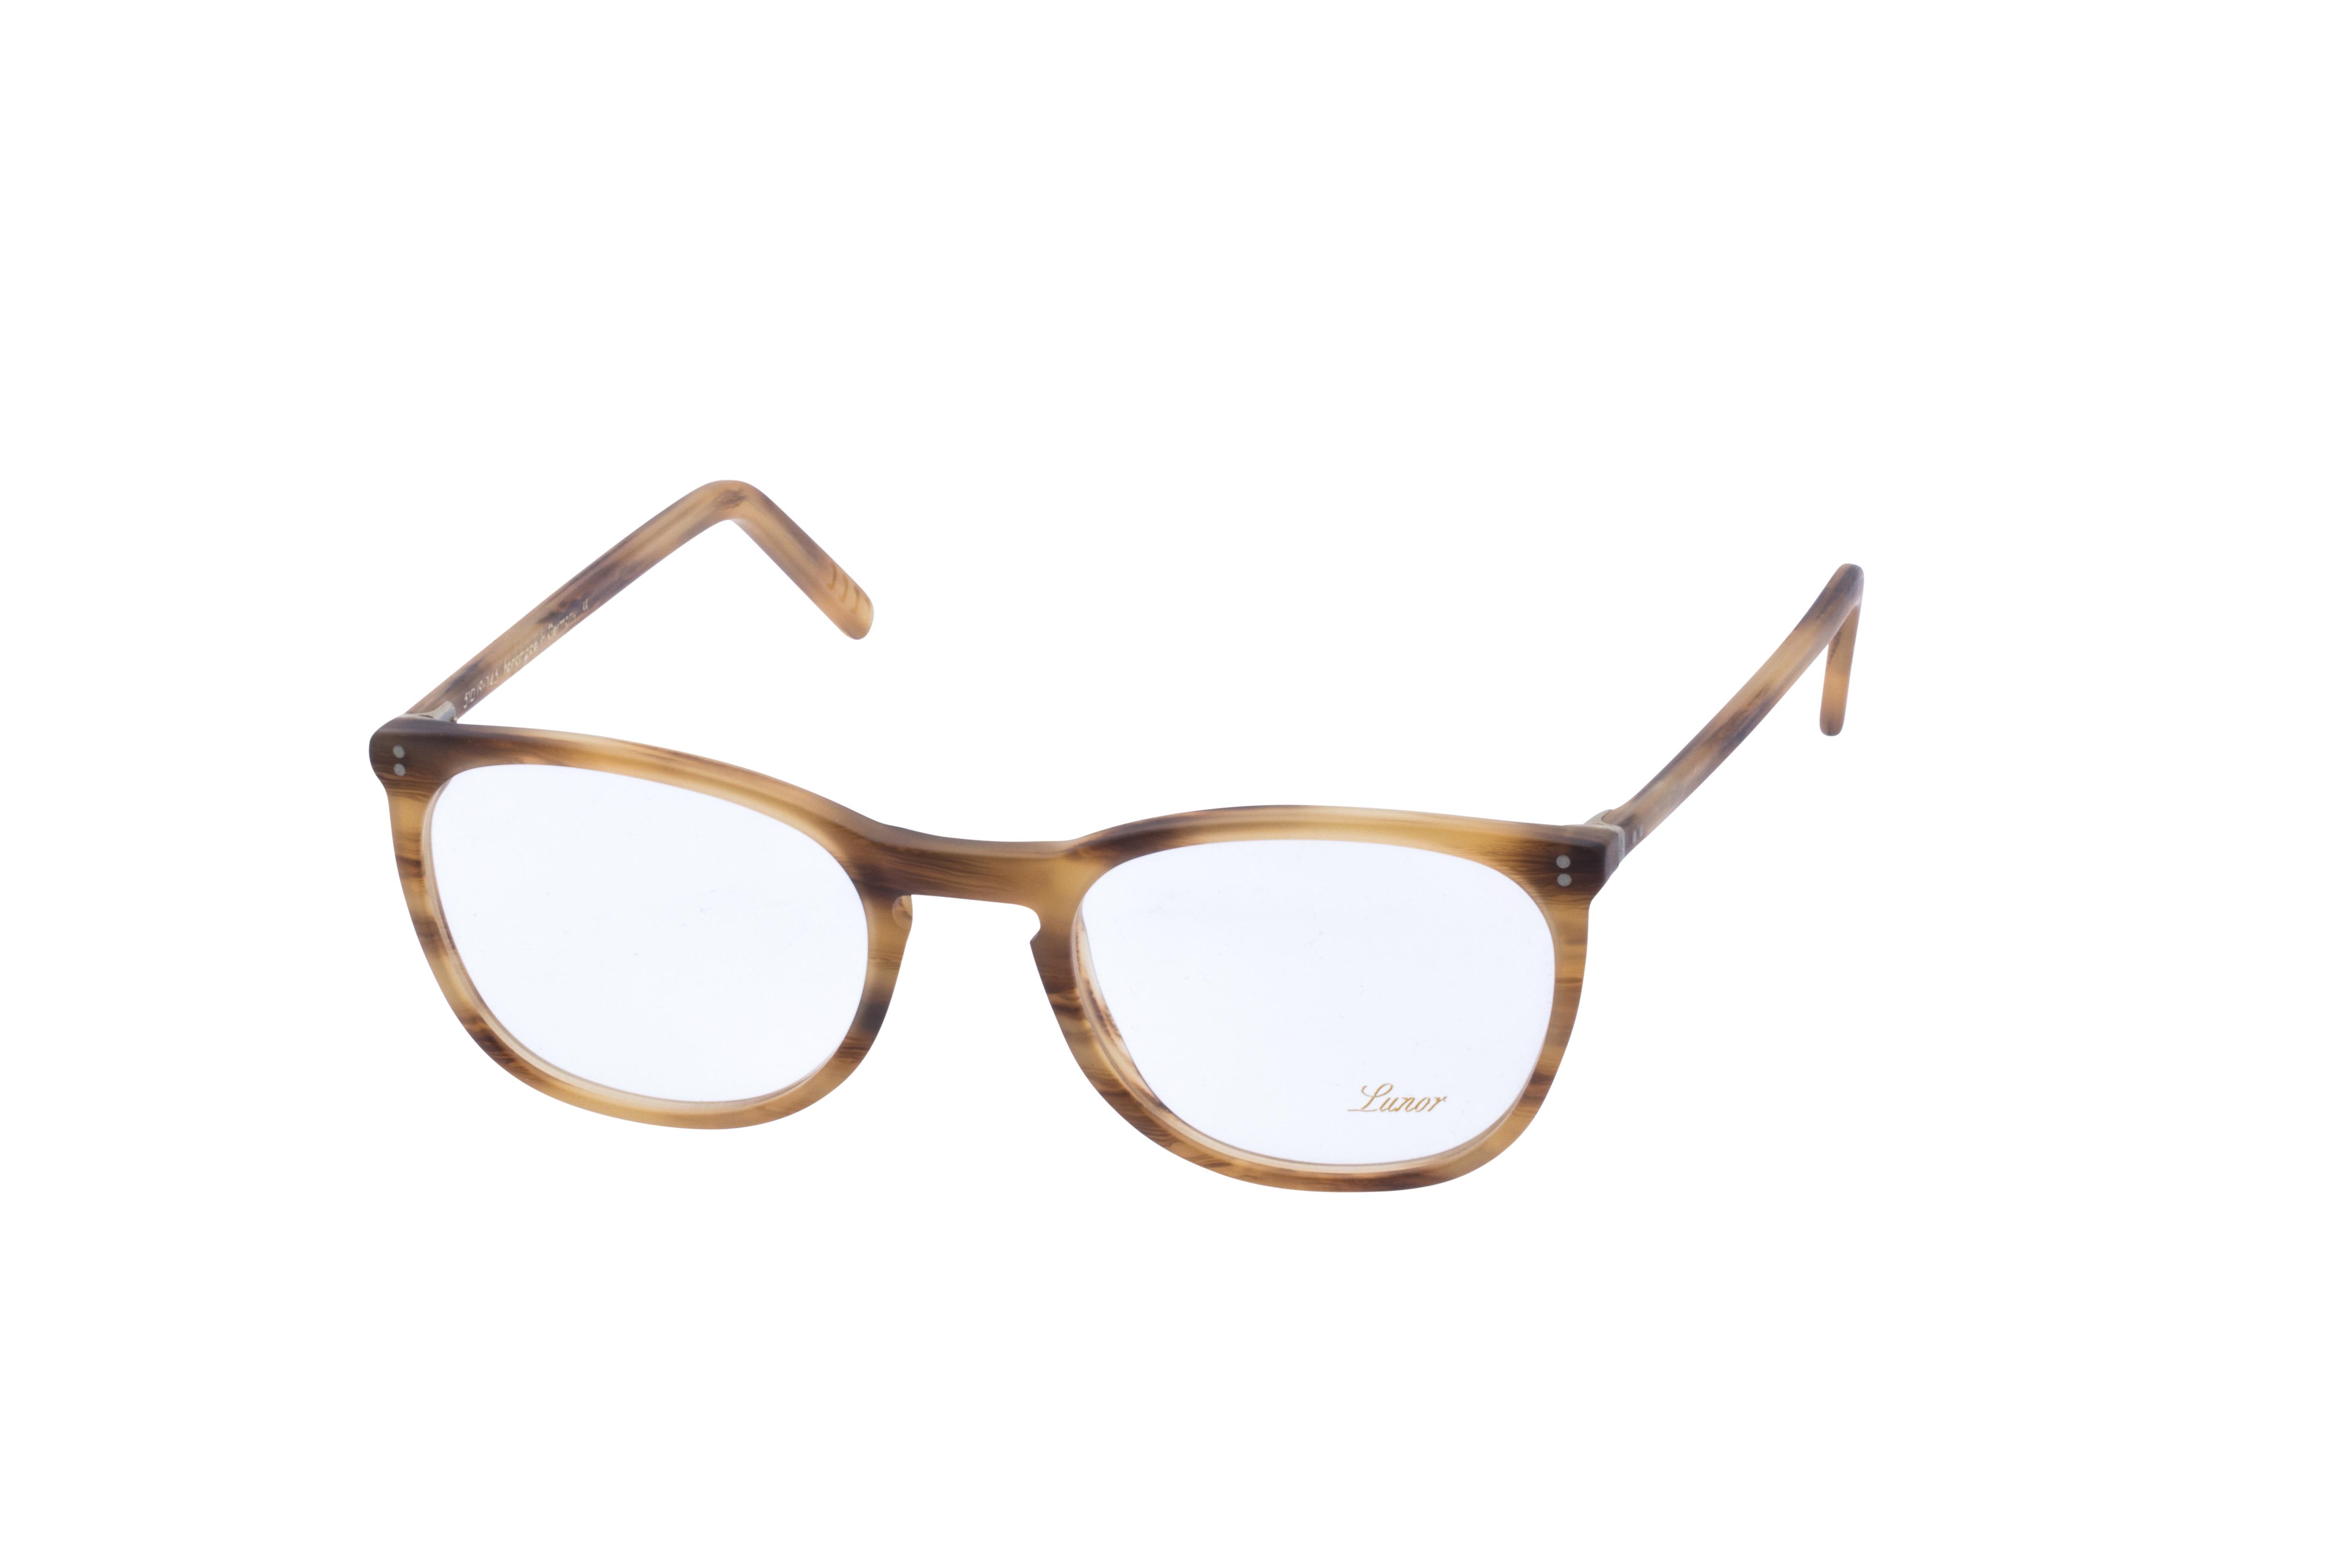 360 Grad Ansicht 23 Lunor 312, Brille auf Weiß - Fassung bei KUNK